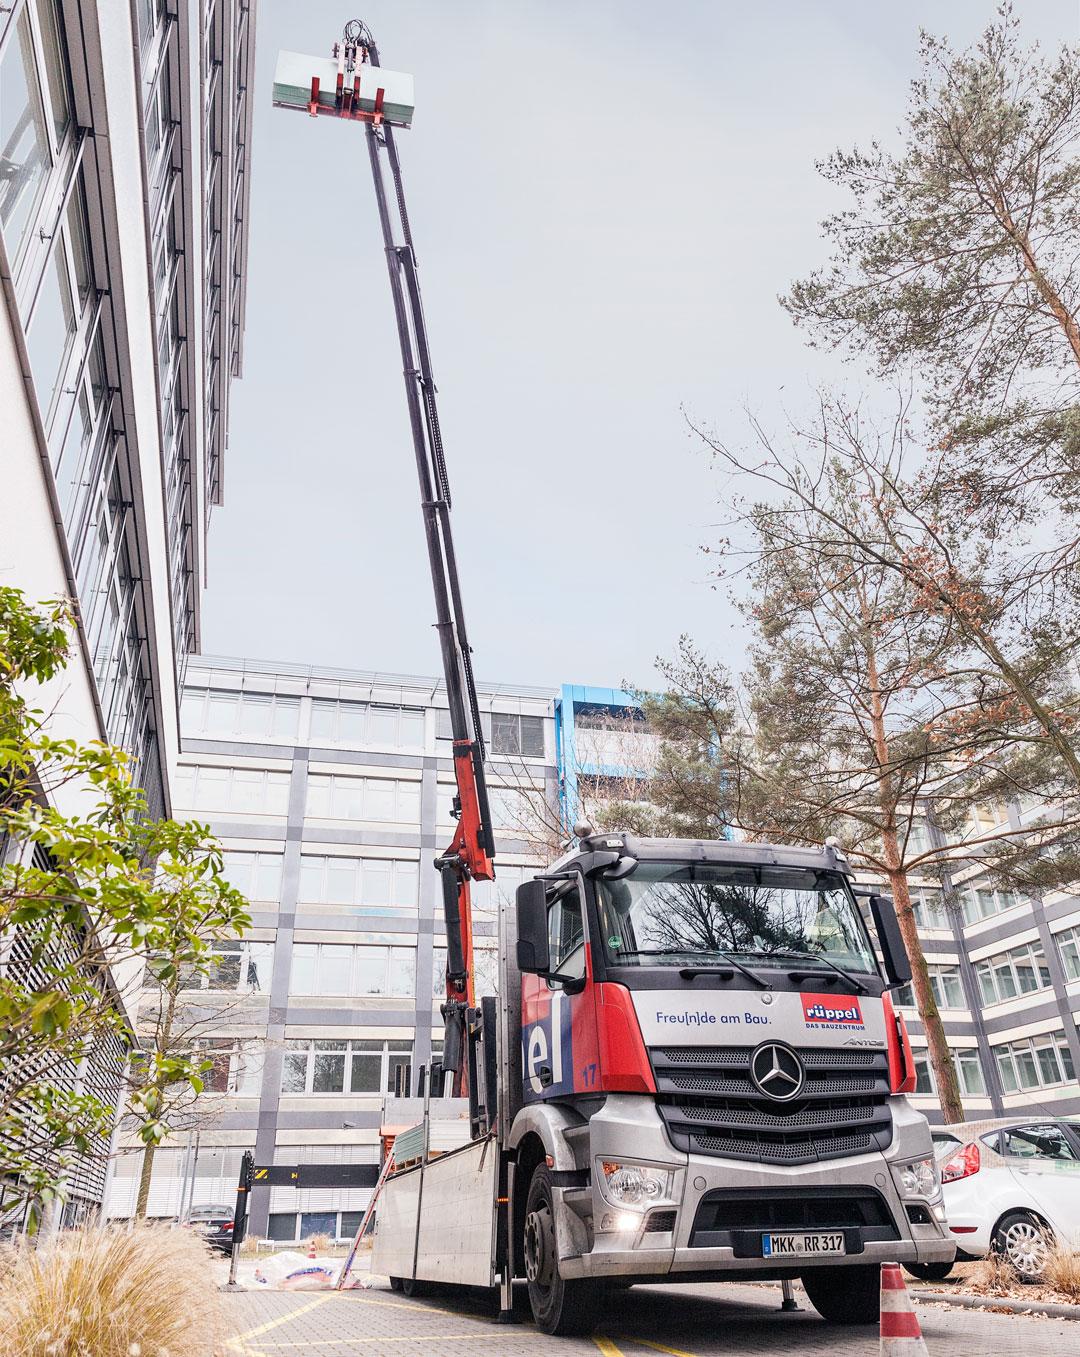 LKW mit Kran beliefert ein Gebäude